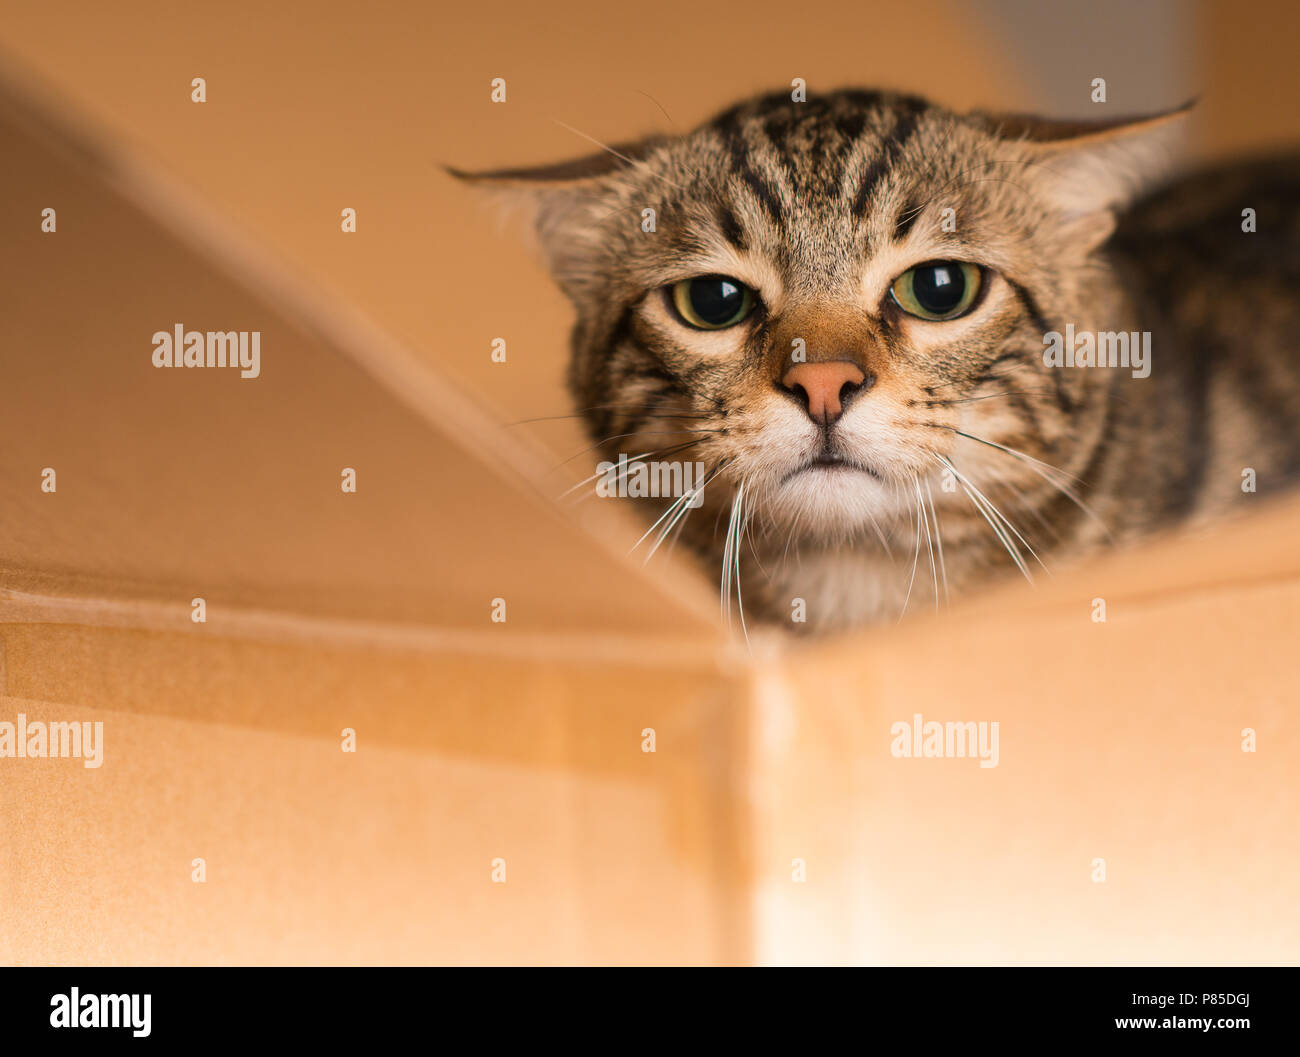 Beau chat joue à cache-cache dans une boîte en carton Photo Stock